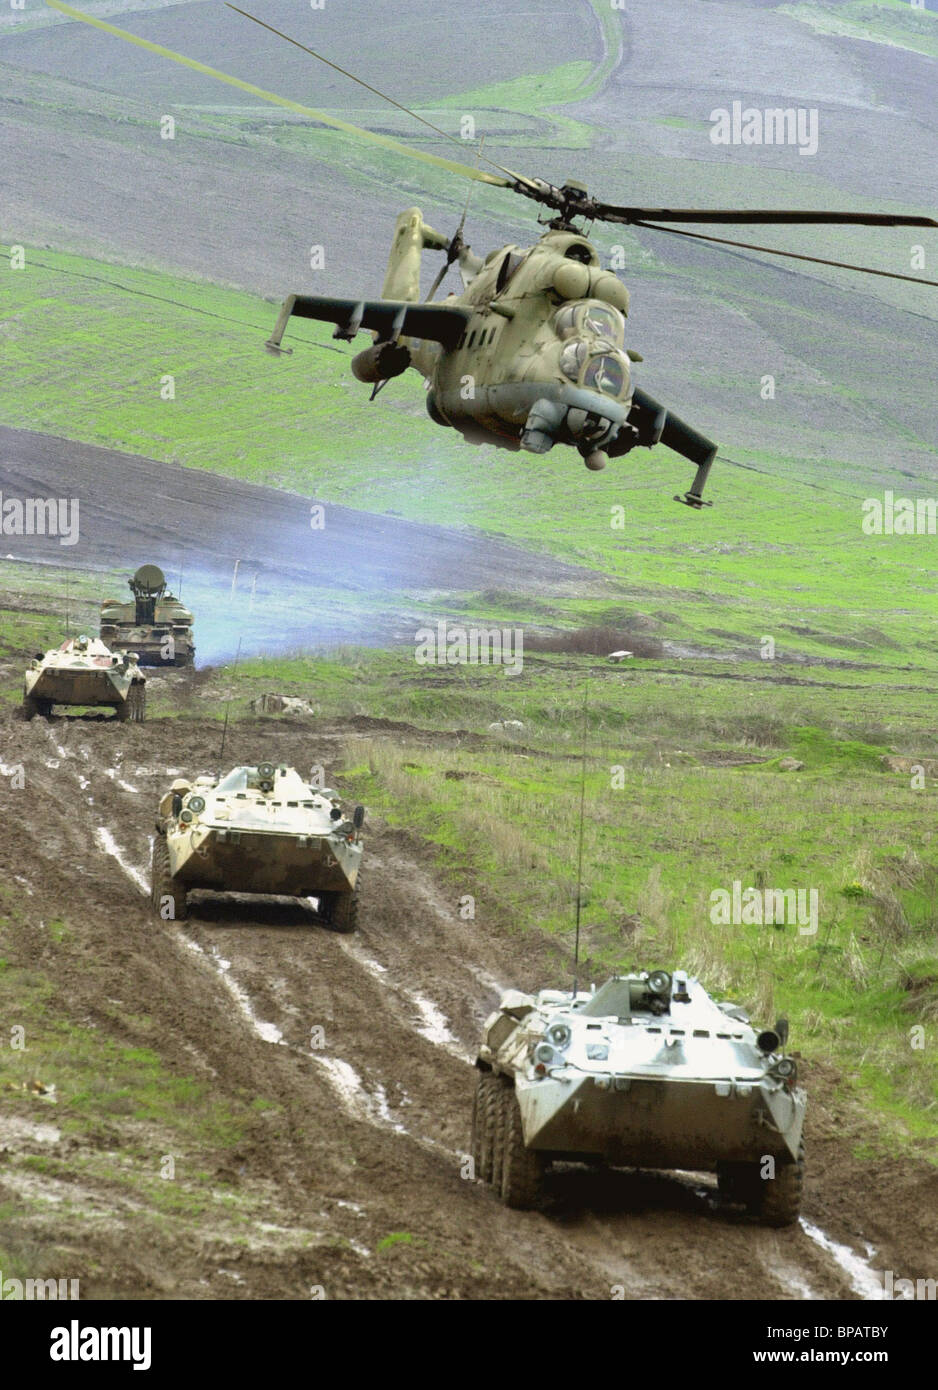 Exercices tactiques de bataillon russe des forces de réaction rapide collective Photo Stock